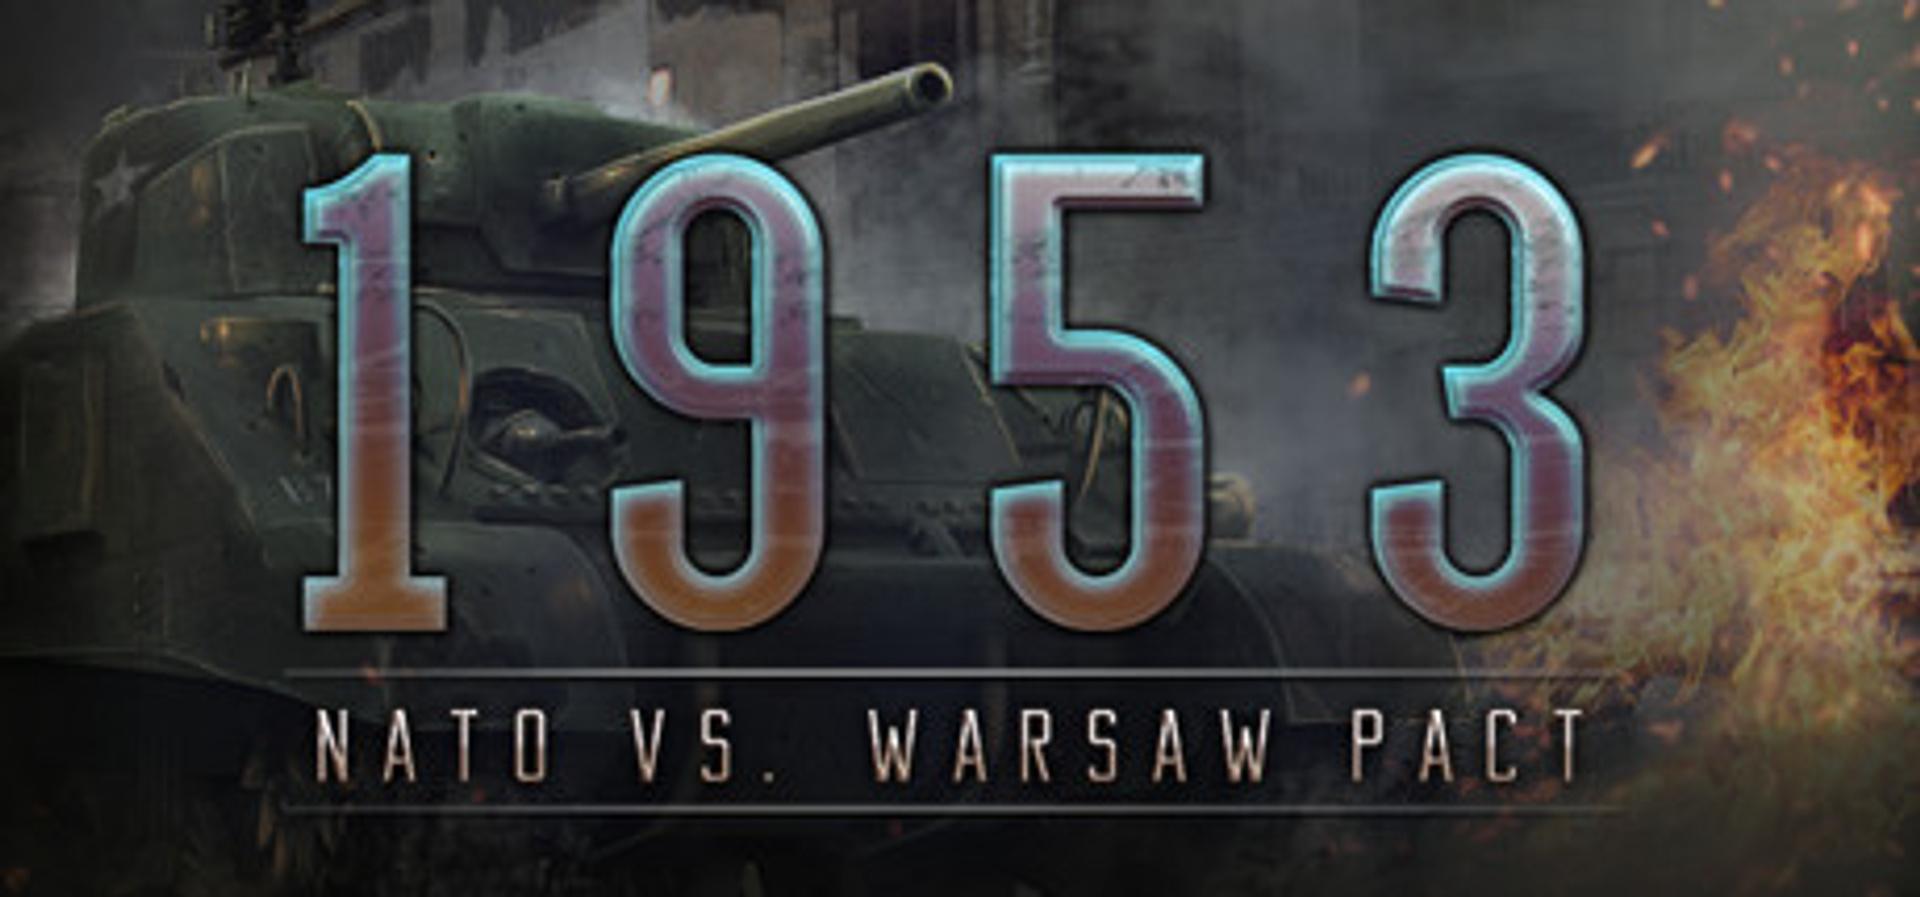 buy 1953: NATO vs Warsaw Pact cd key for pc platform